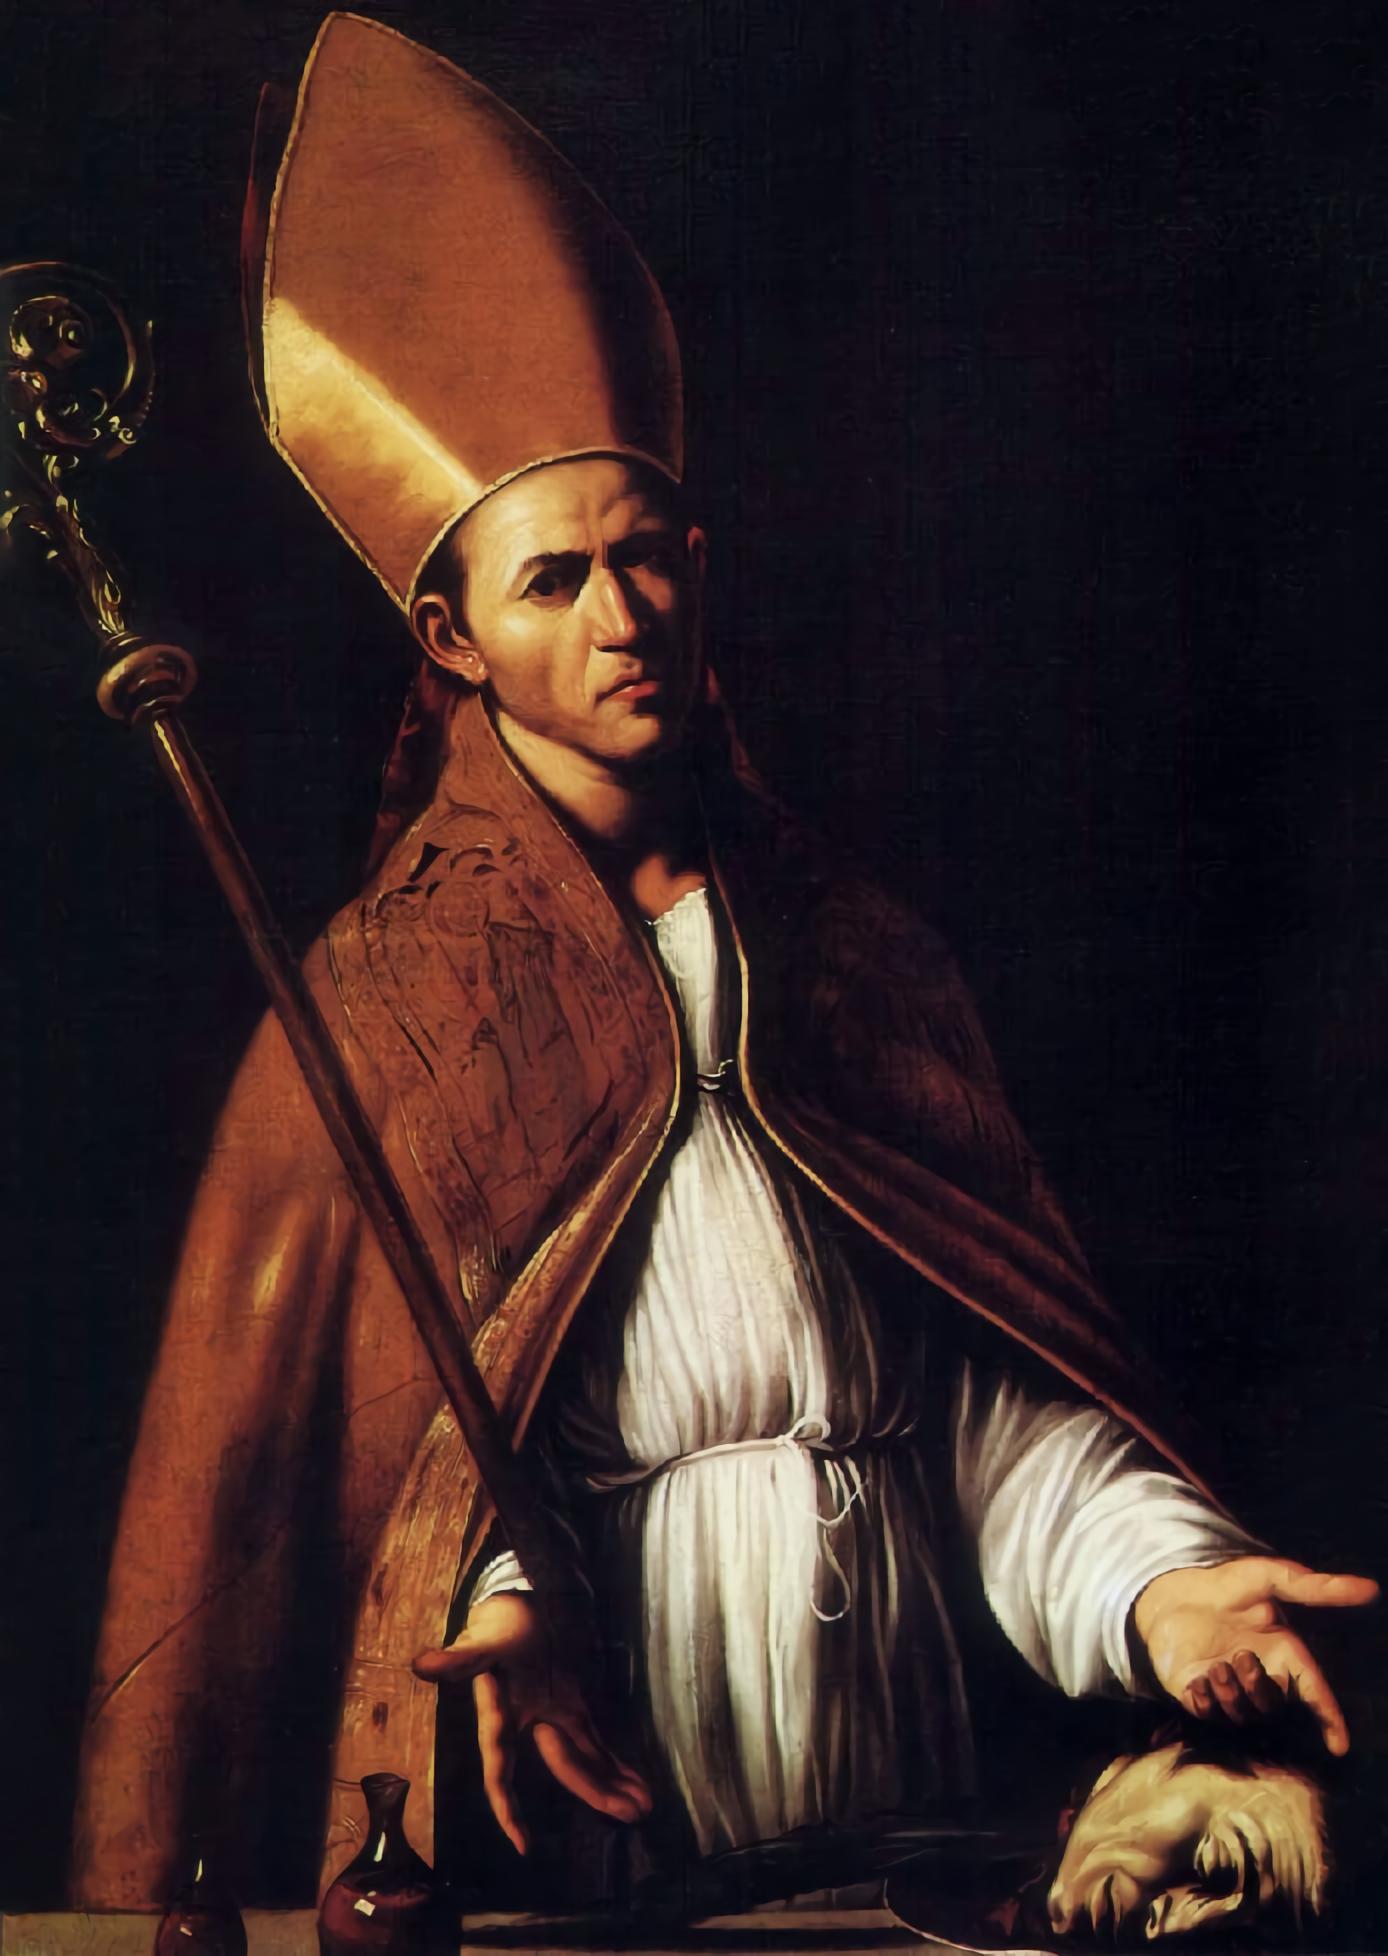 San Gennaro dans immagini sacre Saint_Januarius